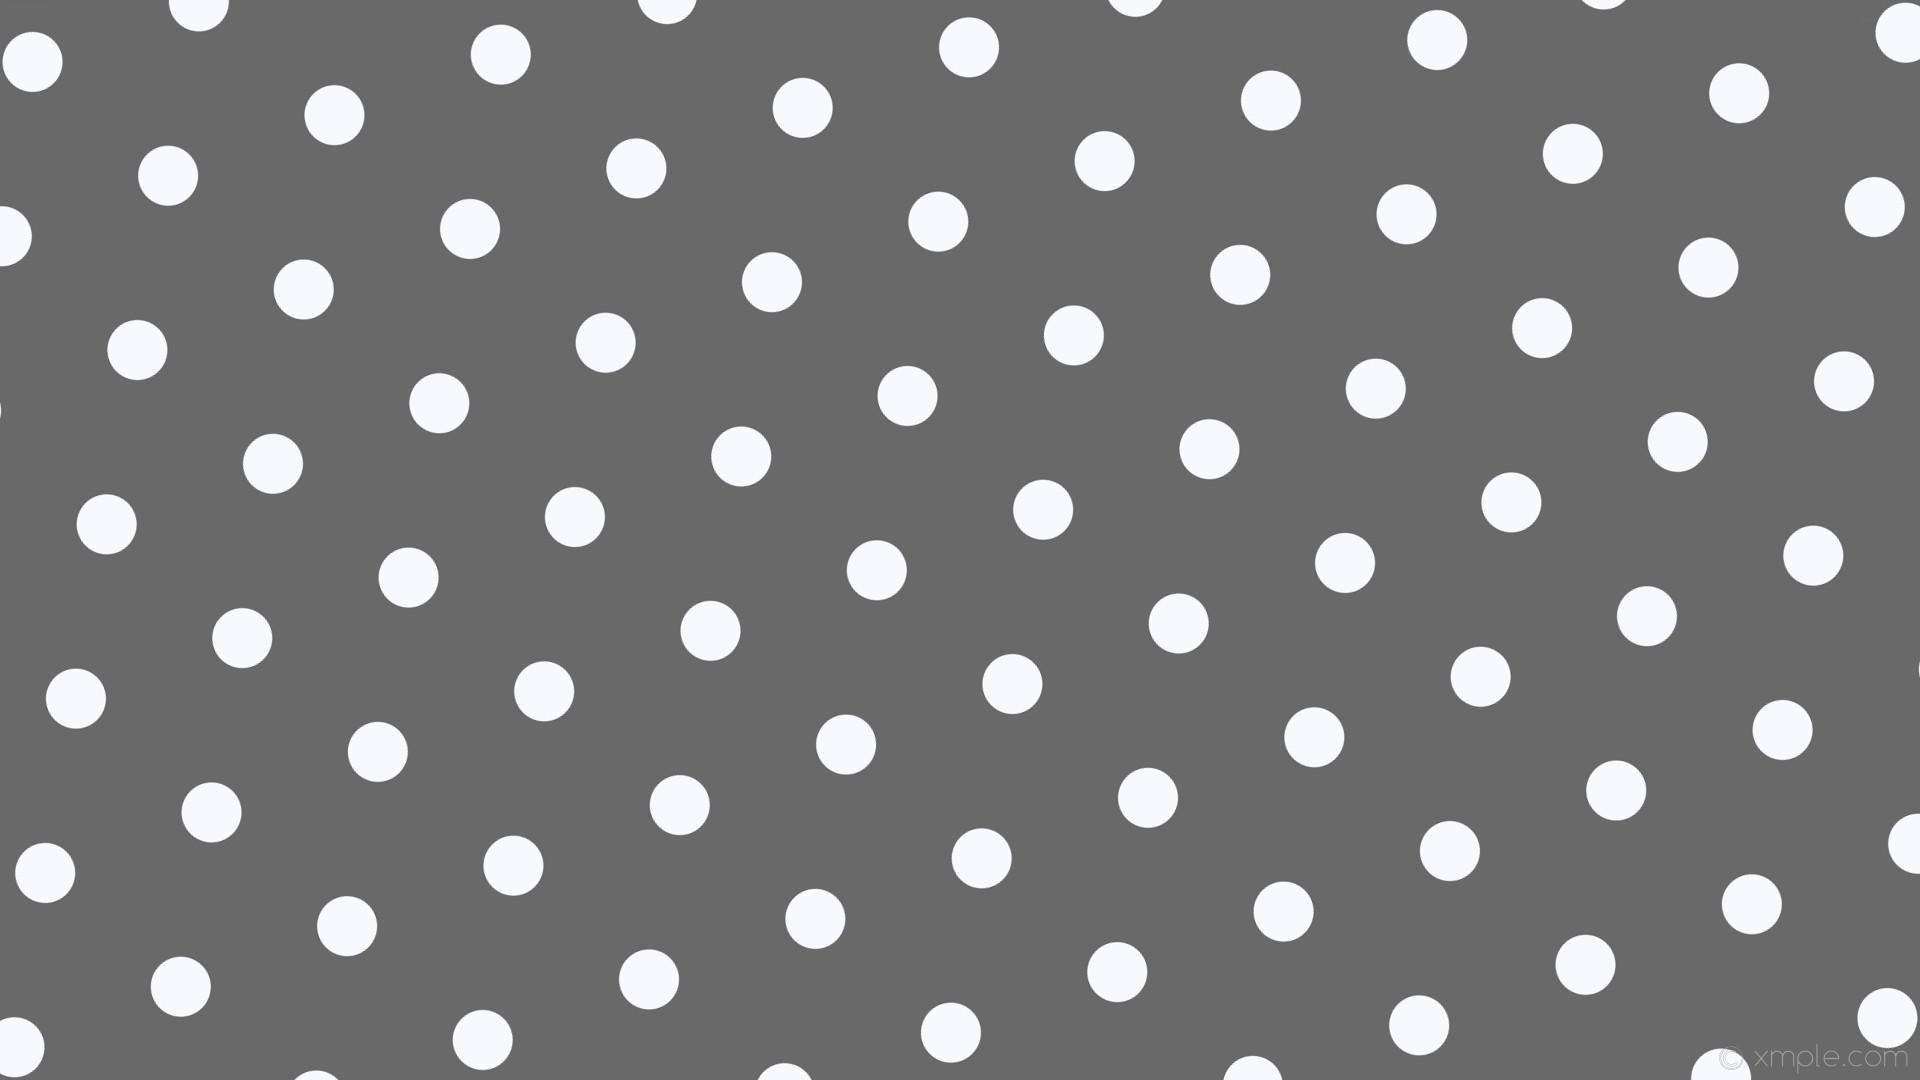 wallpaper polka dots grey white hexagon dim gray ghost white #696969  #f8f8ff diagonal 20